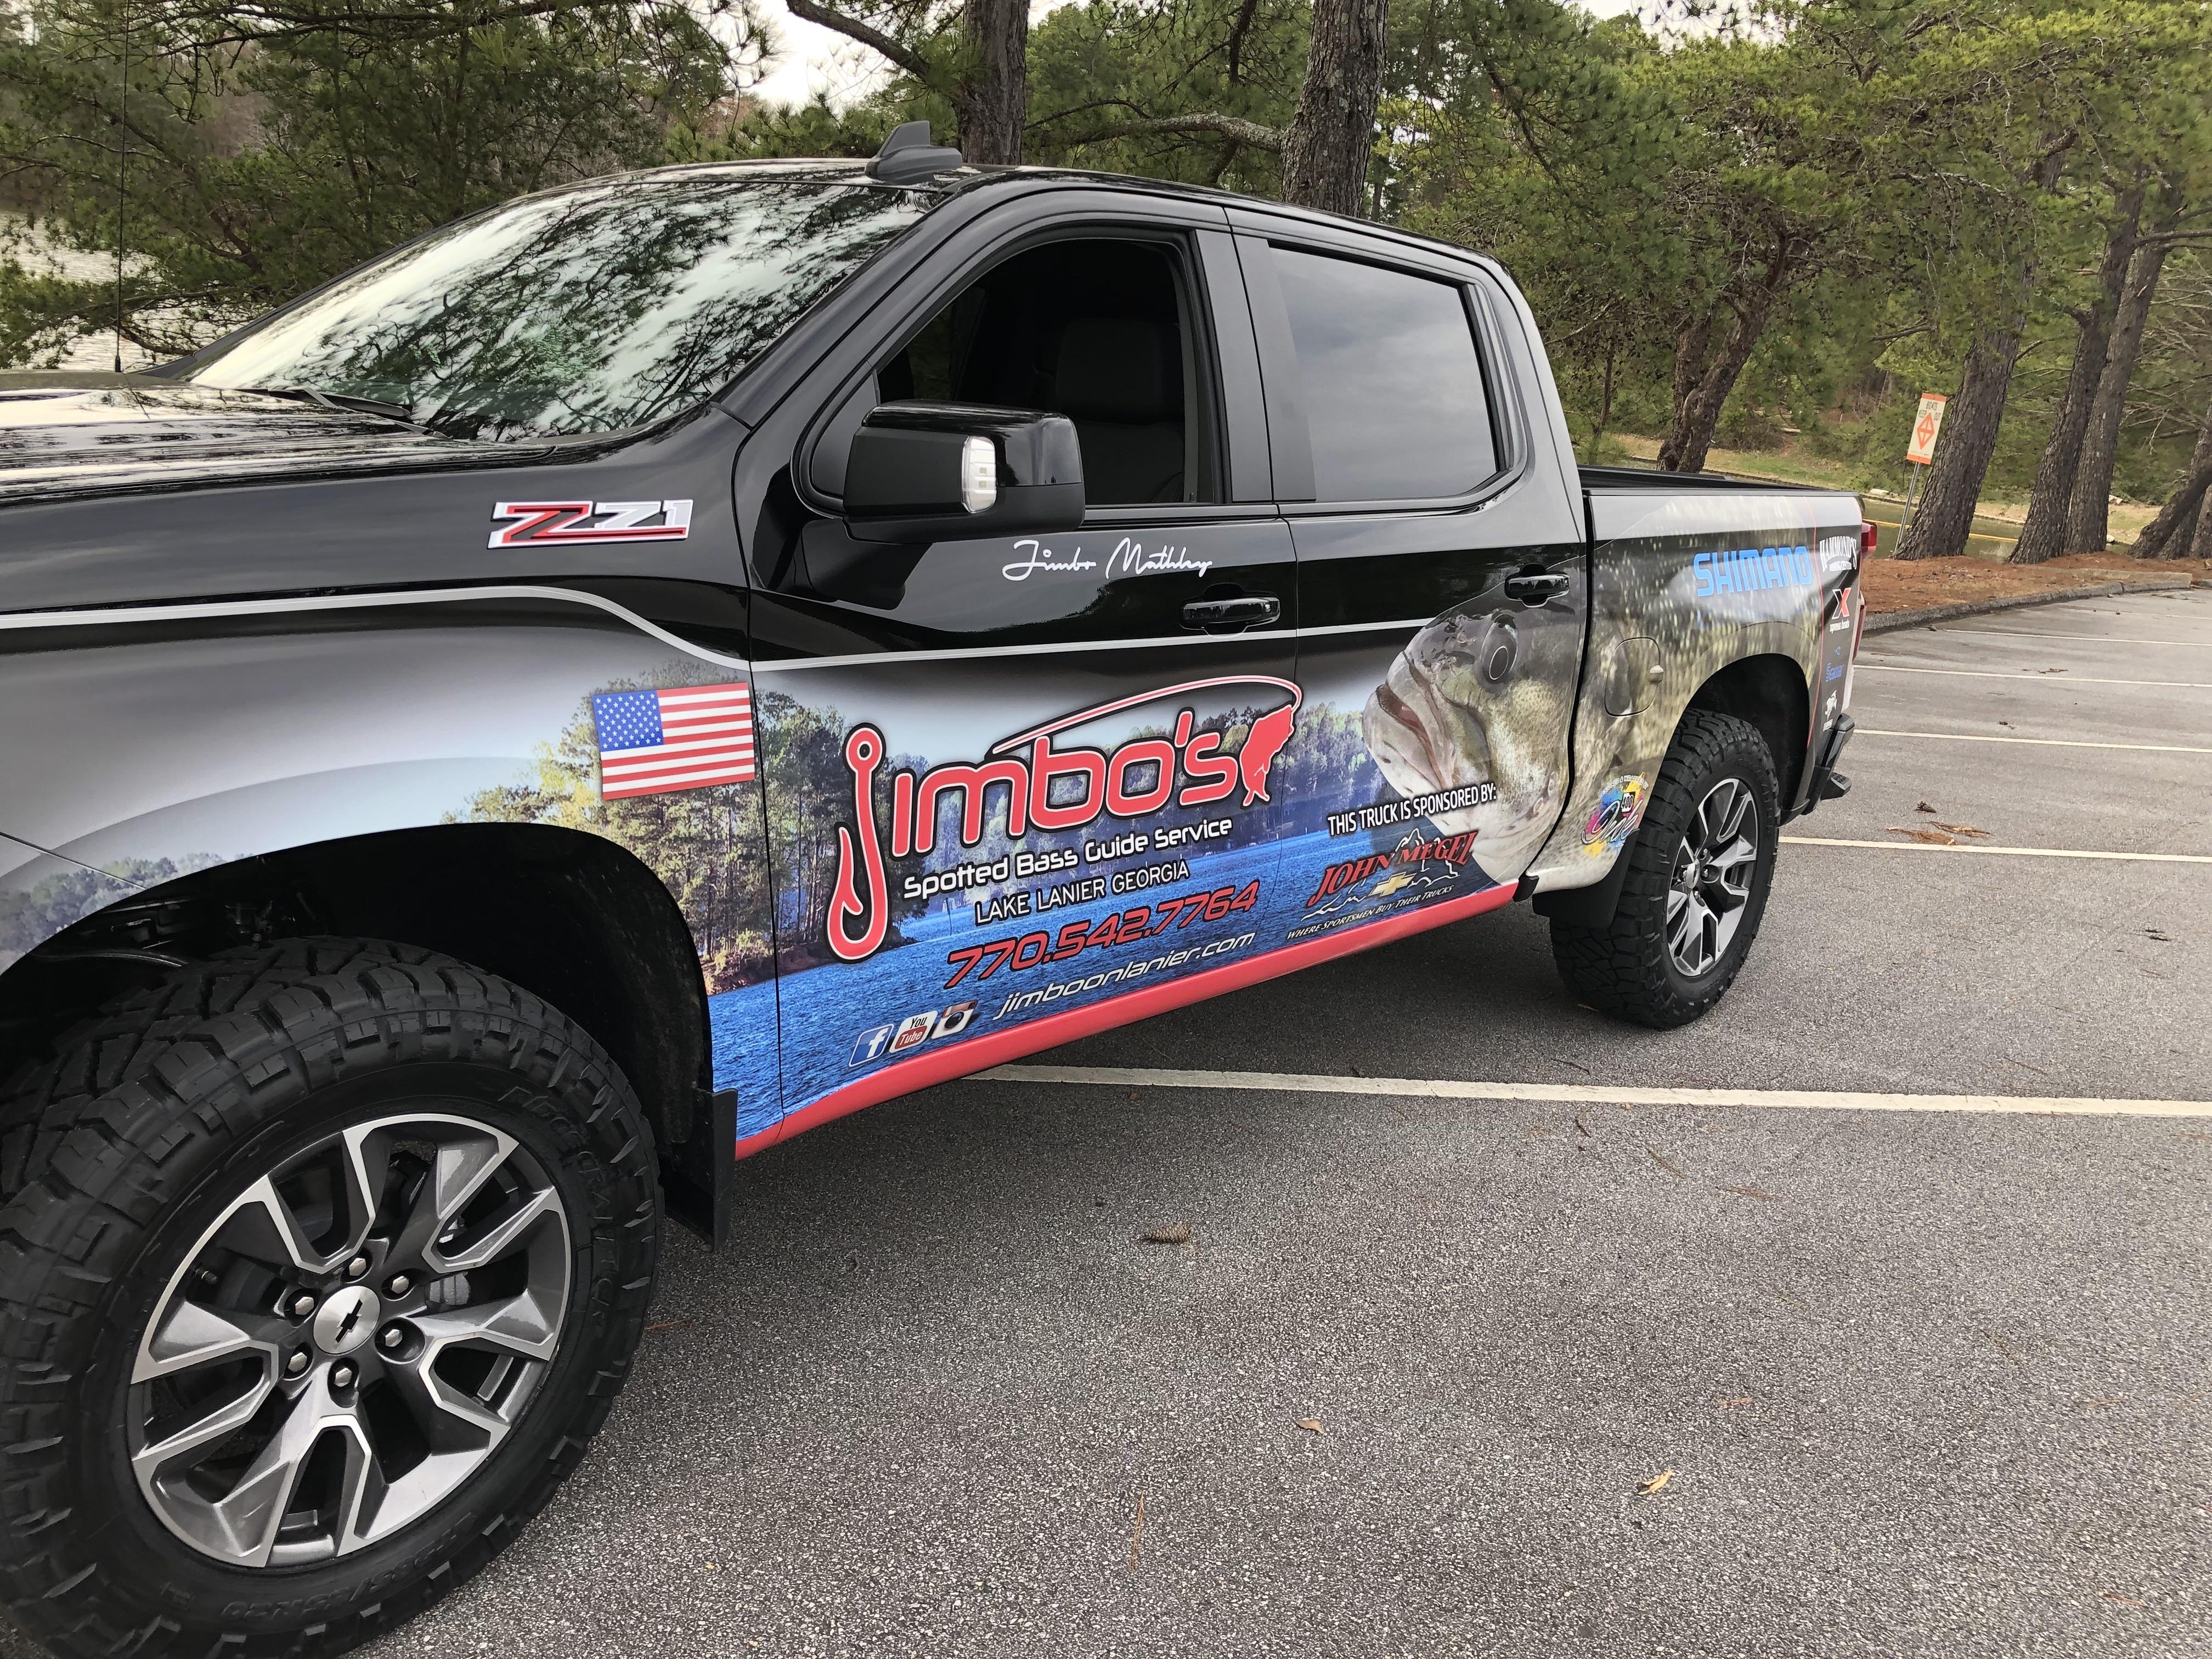 Jimbo's truck 4